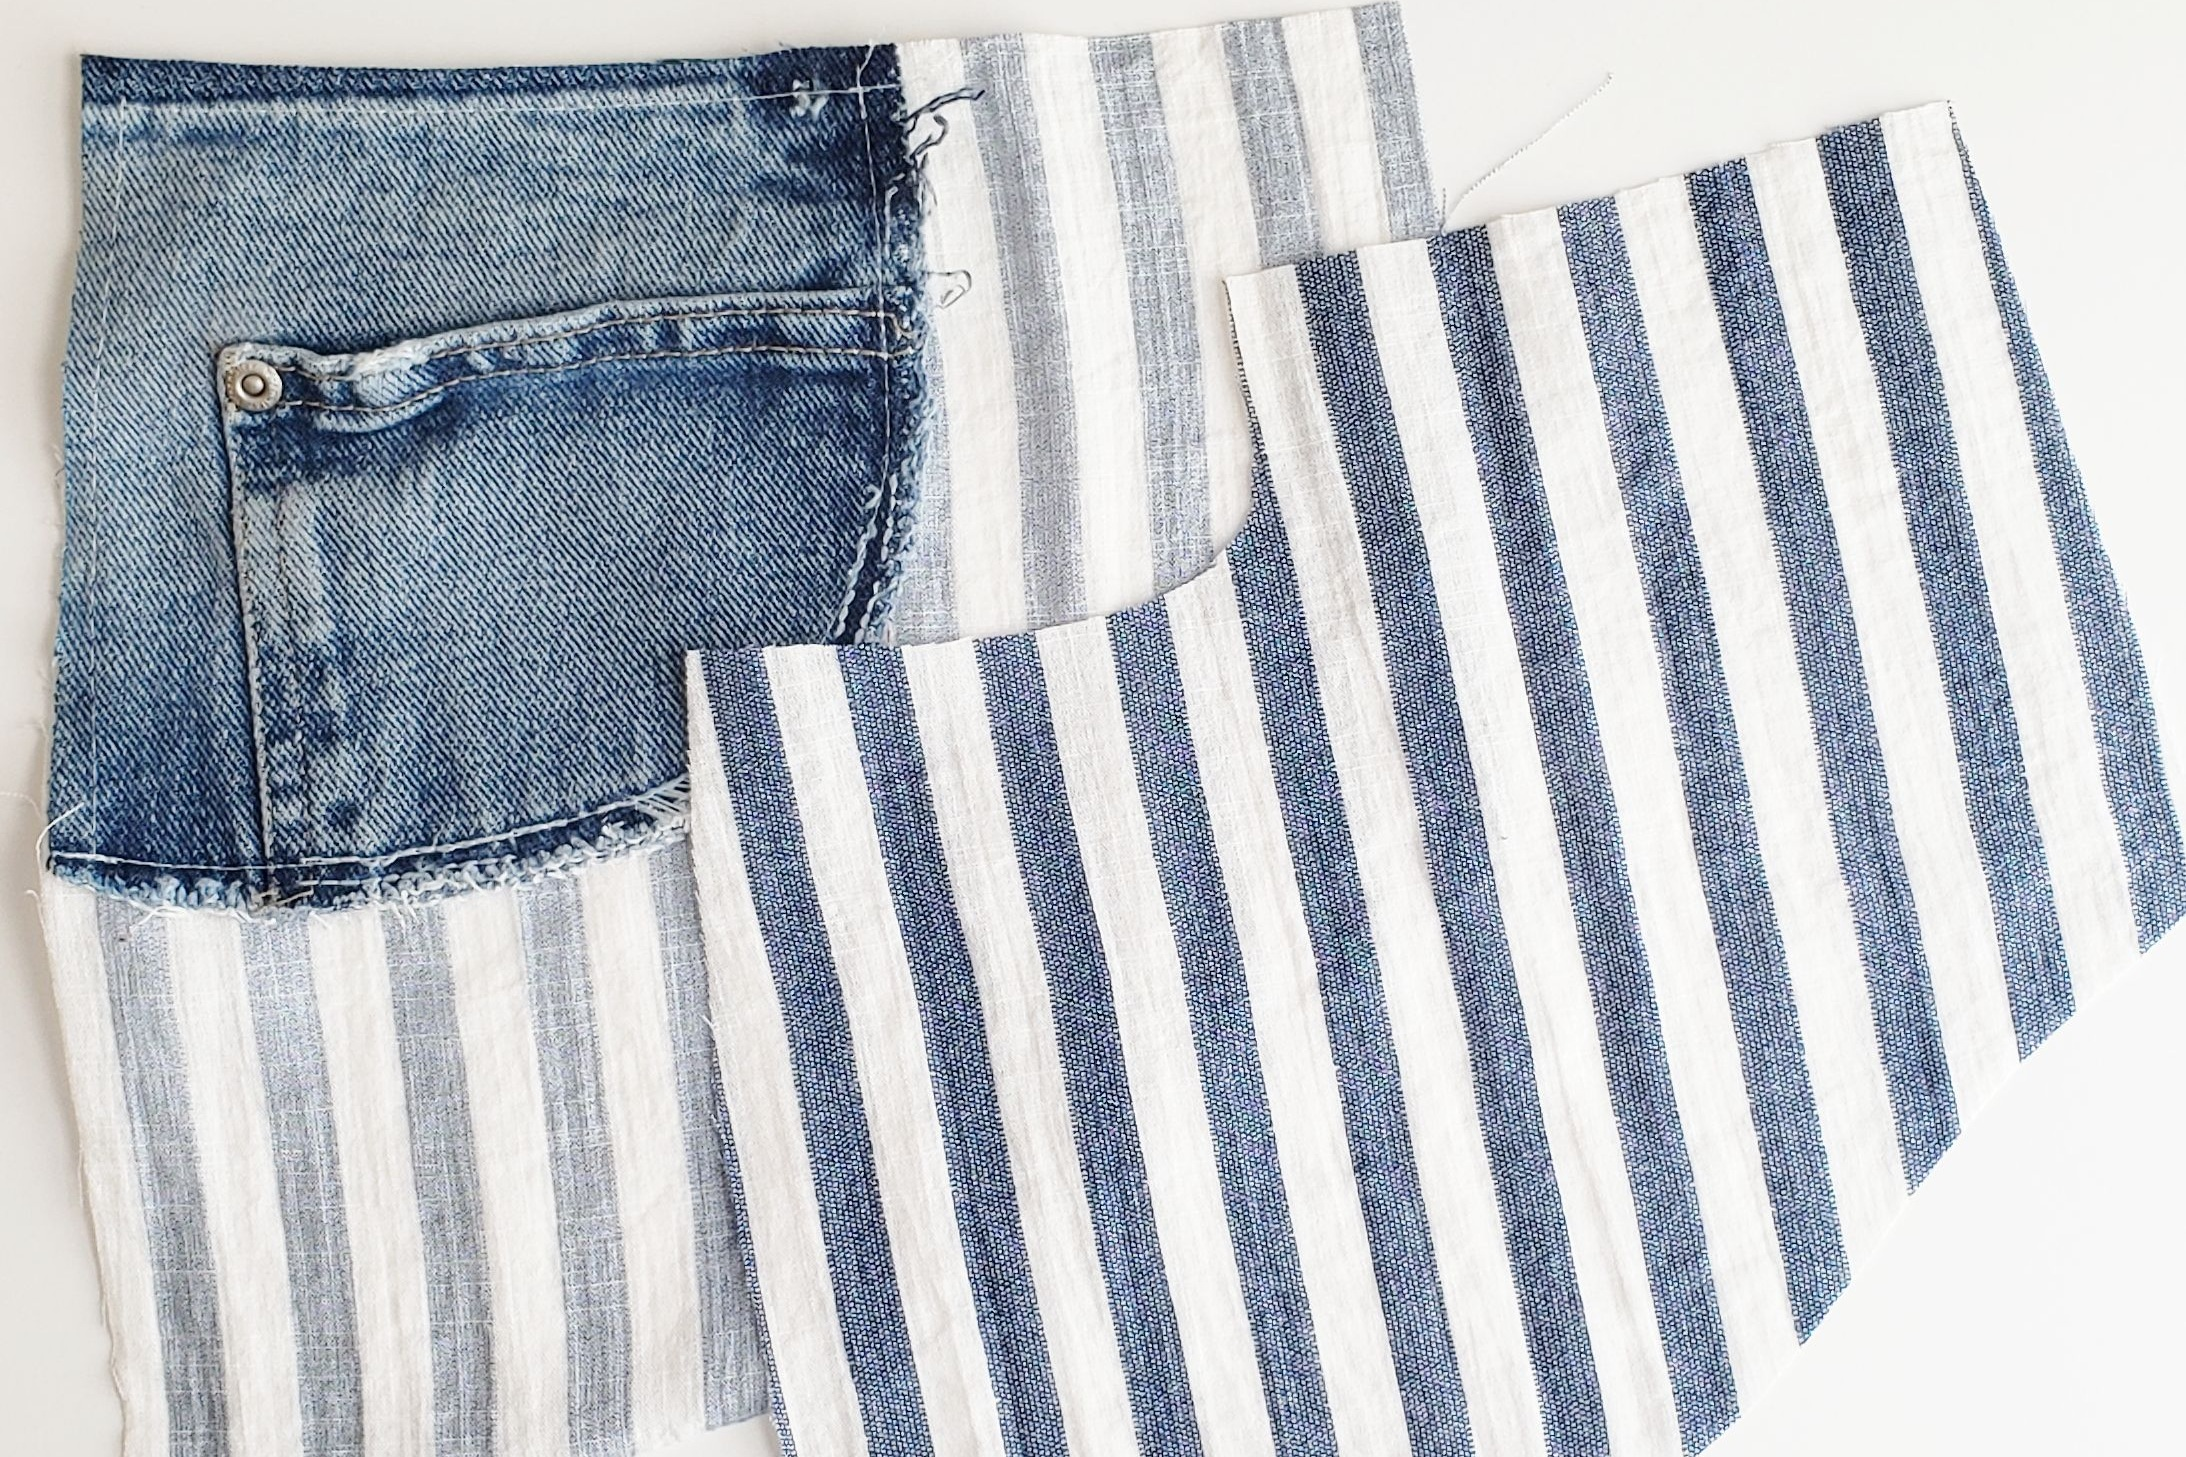 Original pocket facing attached to bottom of pocket stay/pocket bag.